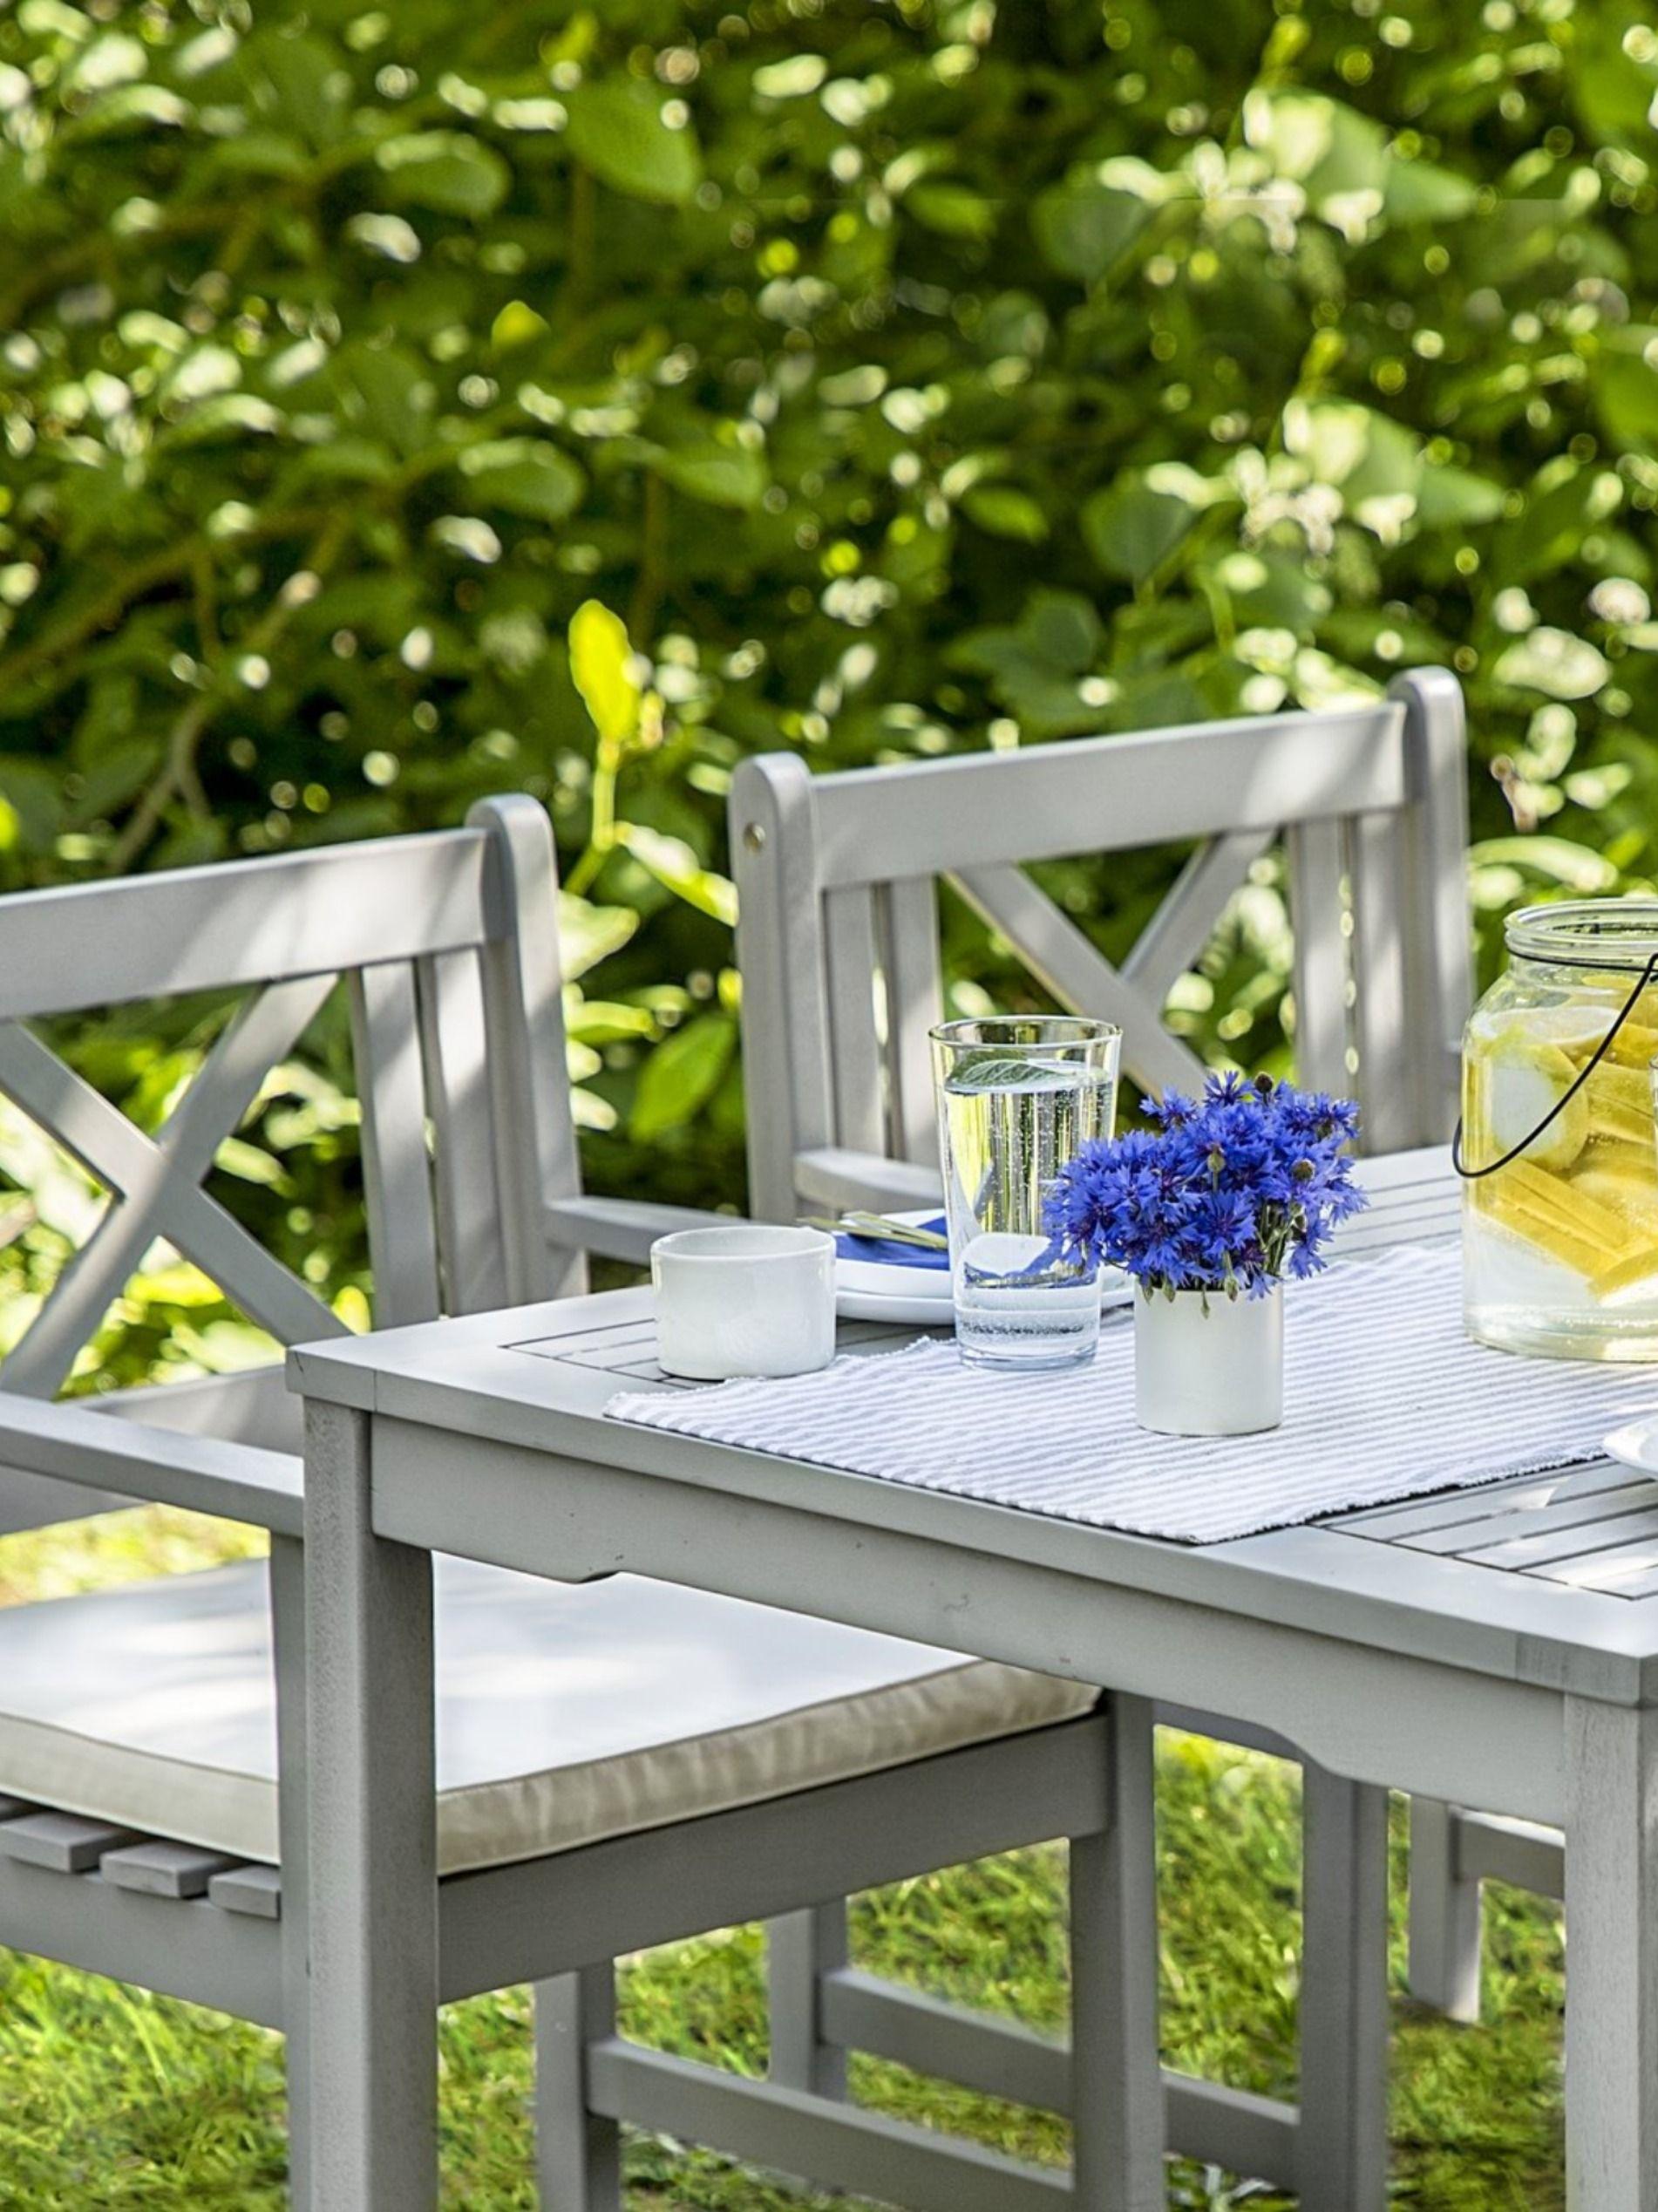 Trendy Gartentisch Set Aus Eukalyptusholz Fur 4 Personen Mit